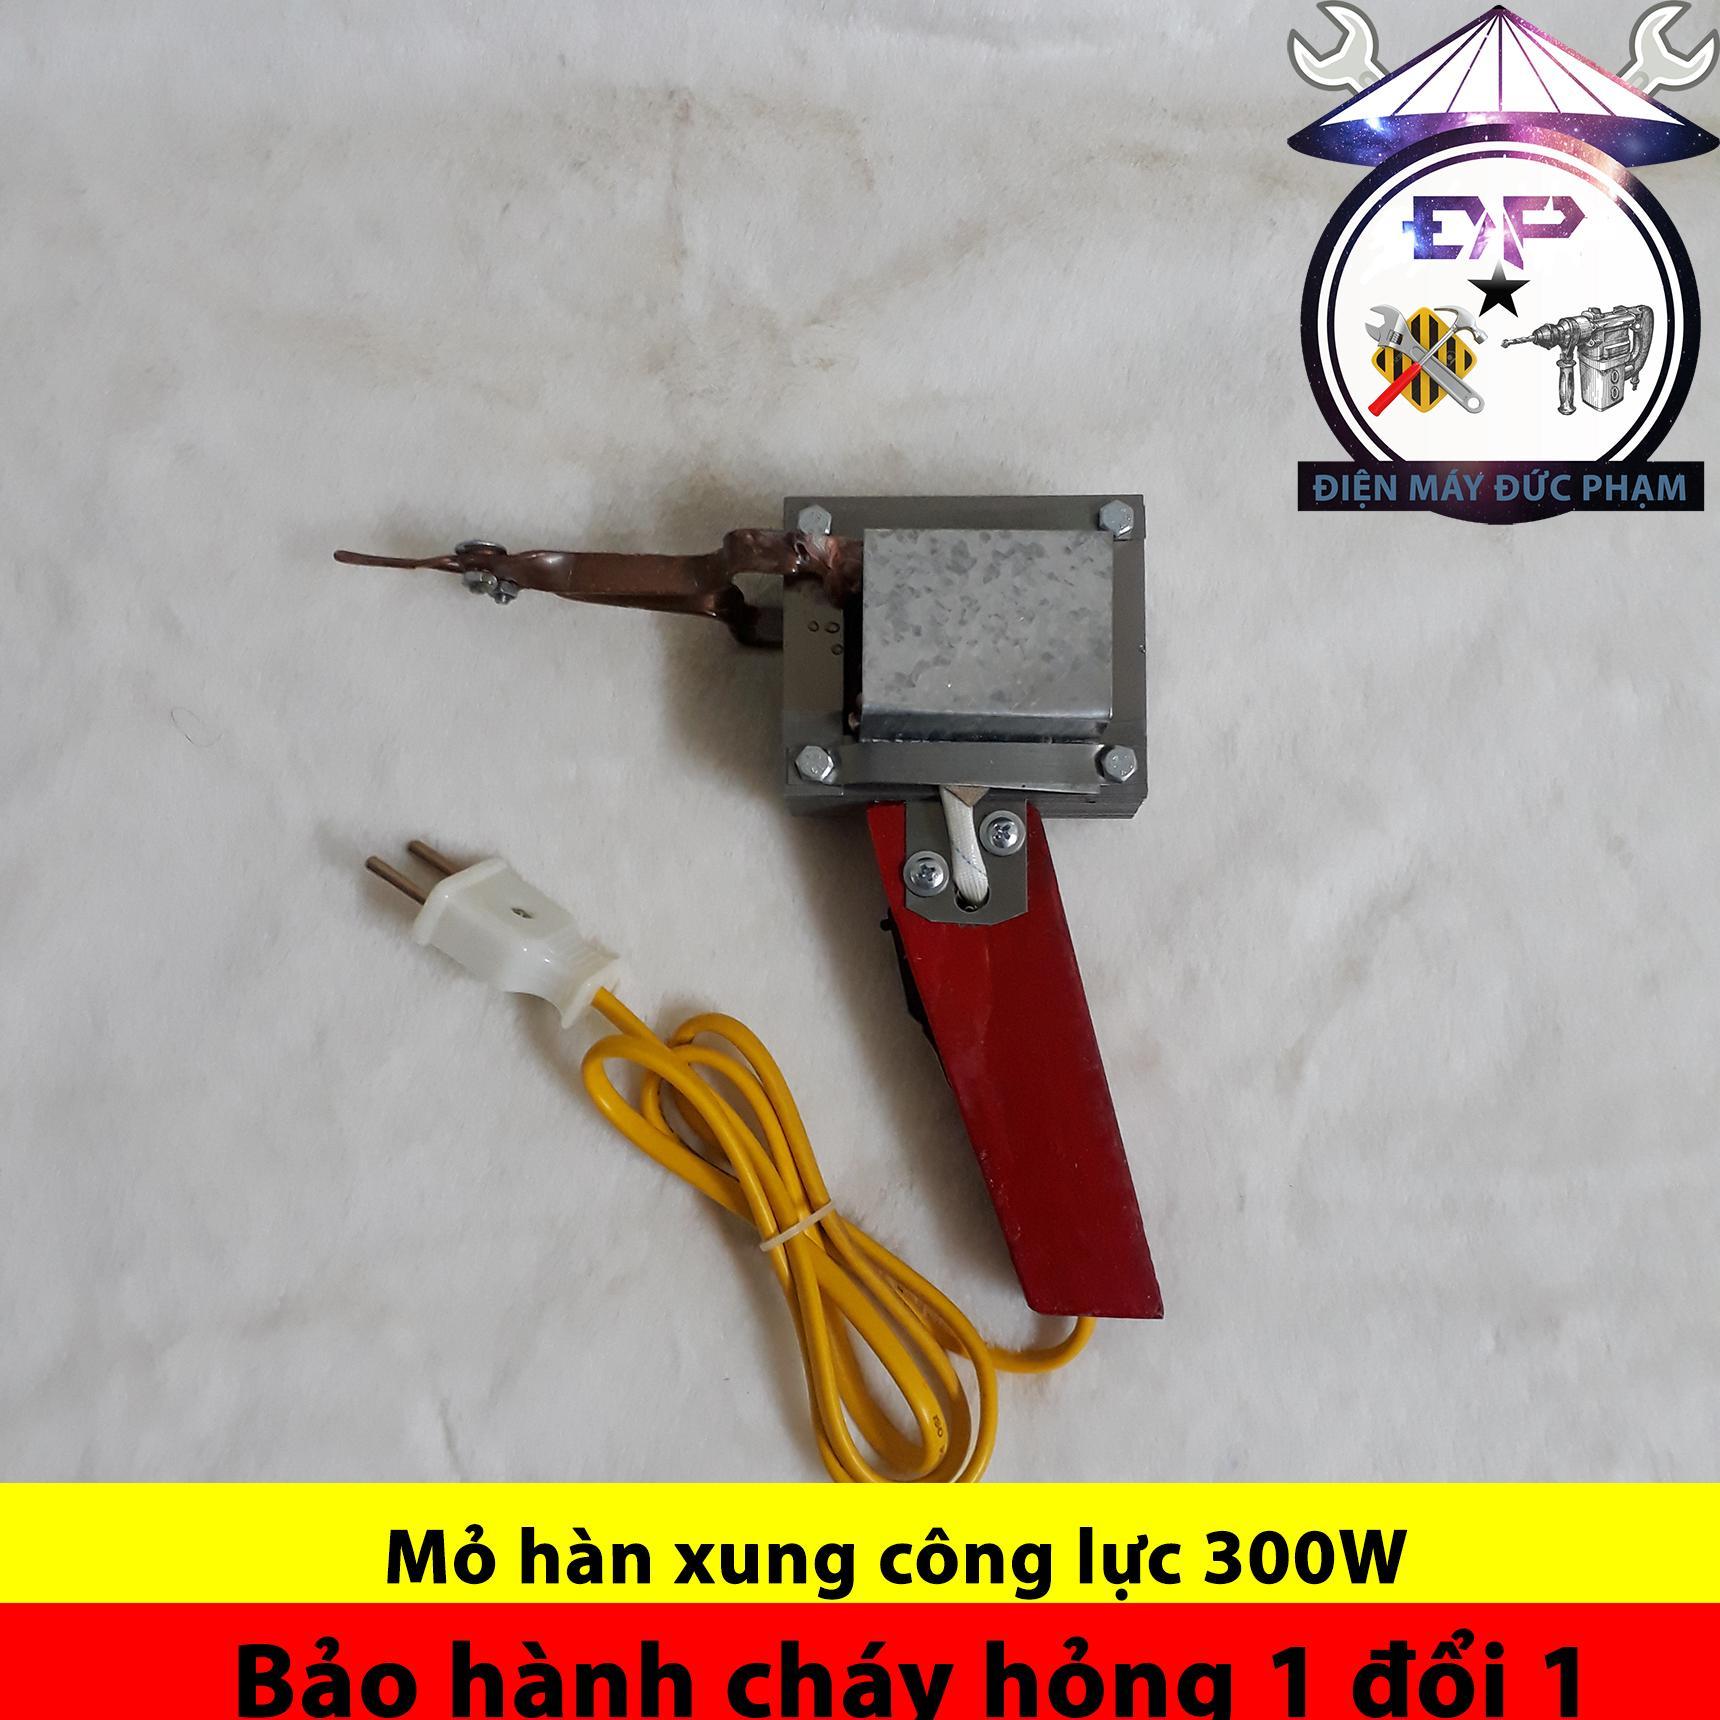 Giá Bán Mỏ Han Xung 300W Bảo Hanh Chay Hỏng 1 Đổi 1 3 Thang Có Thương Hiệu